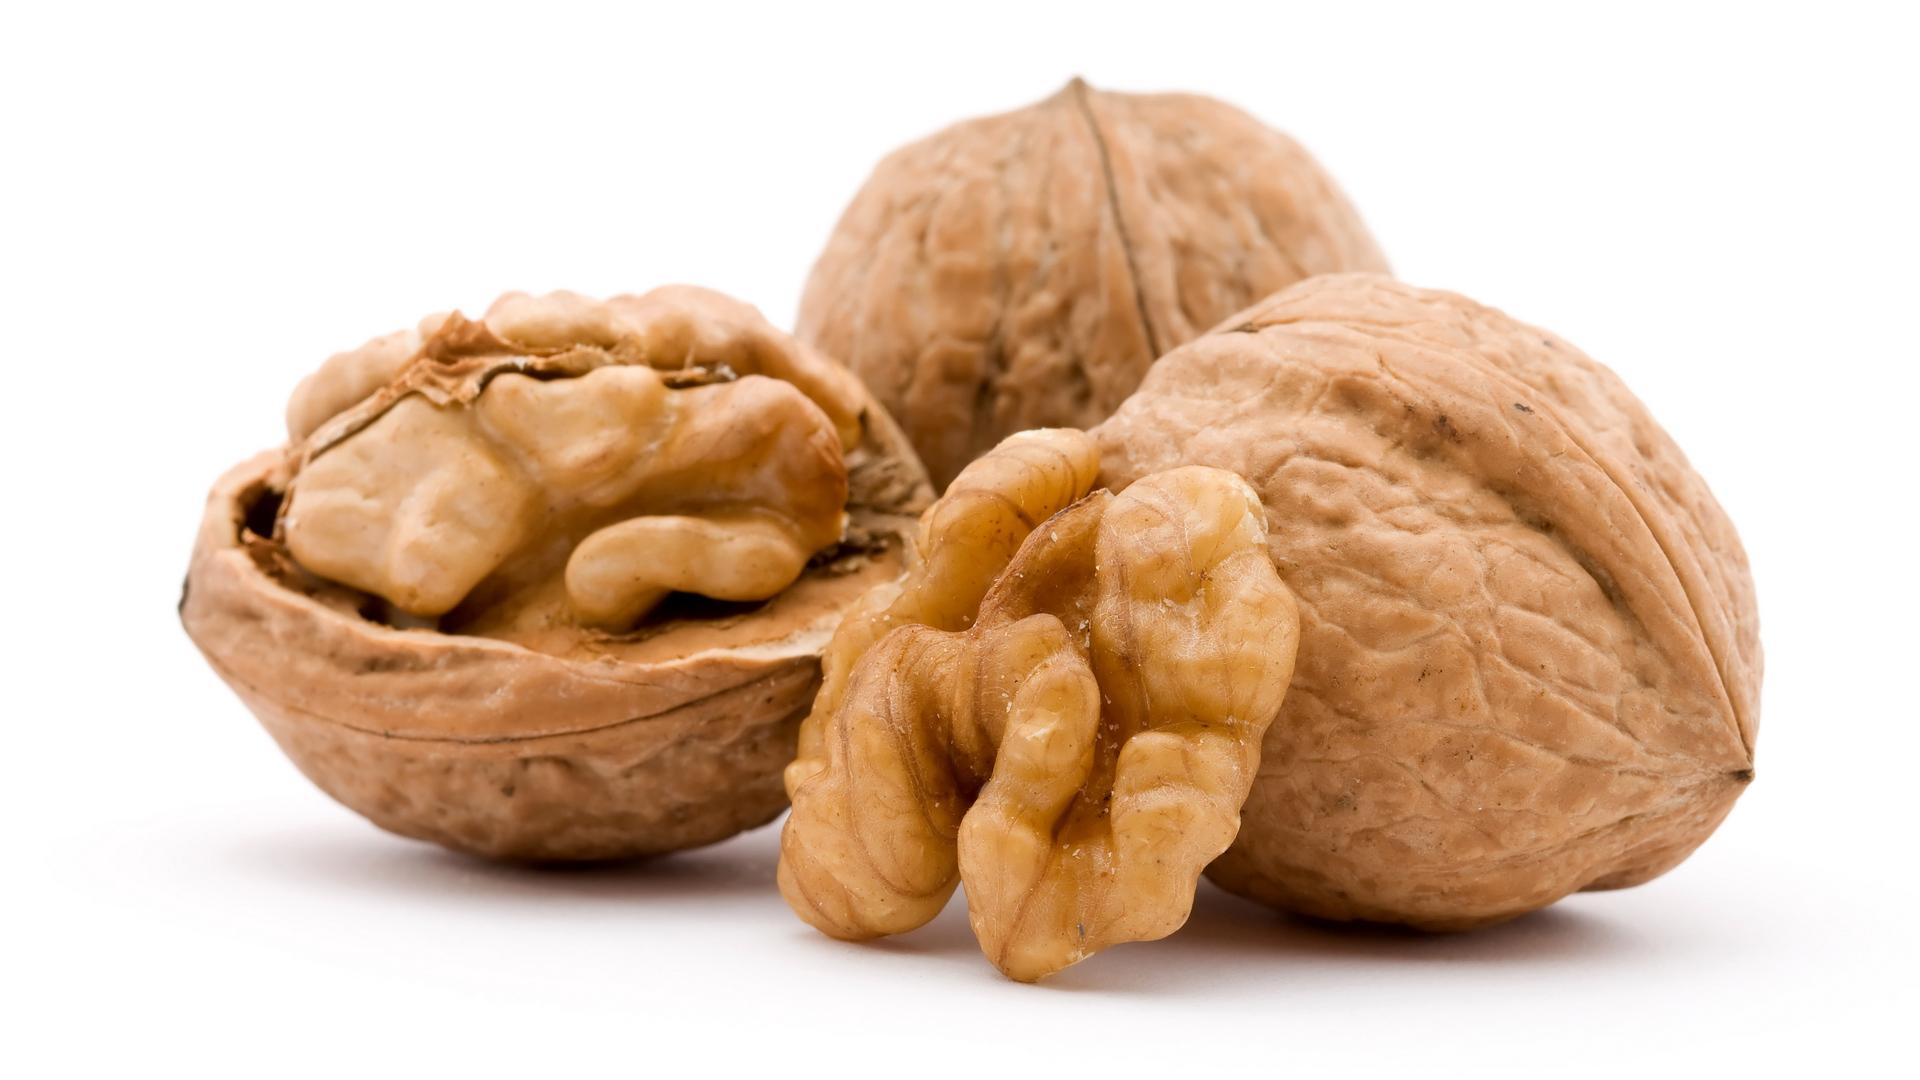 грецкий орех от холестерина